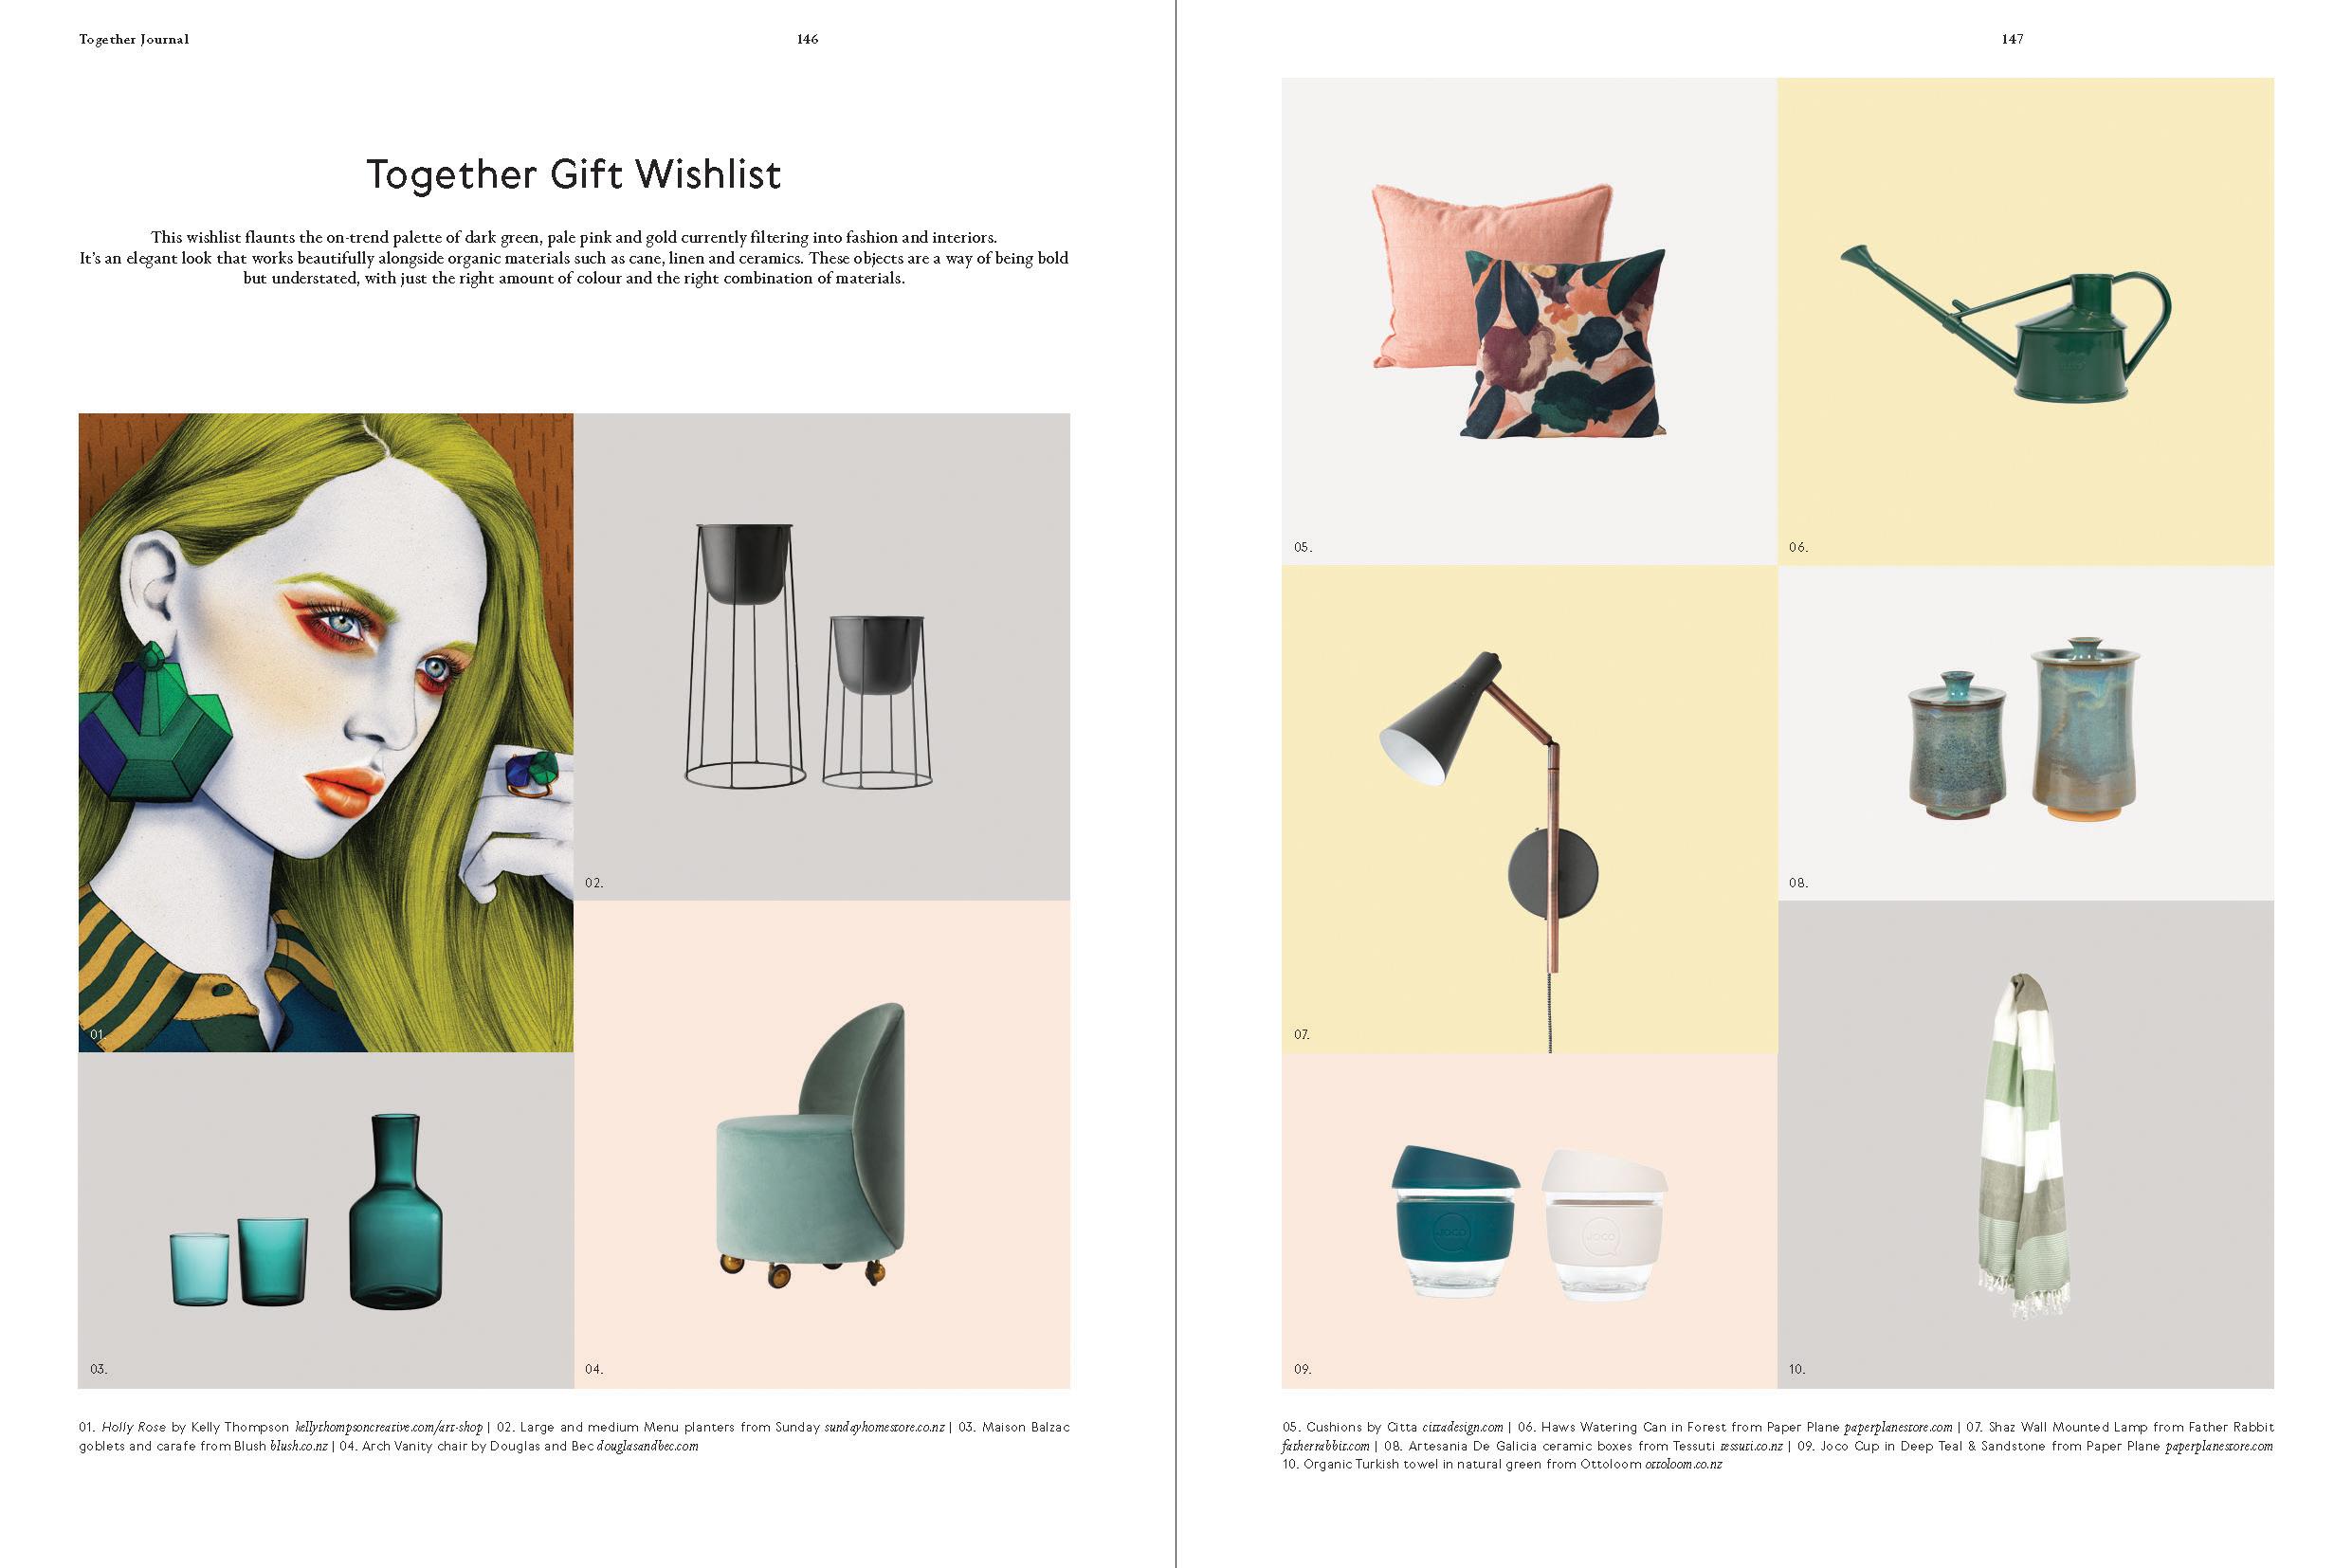 Categories: Inspiration-Together Gift Wishlist